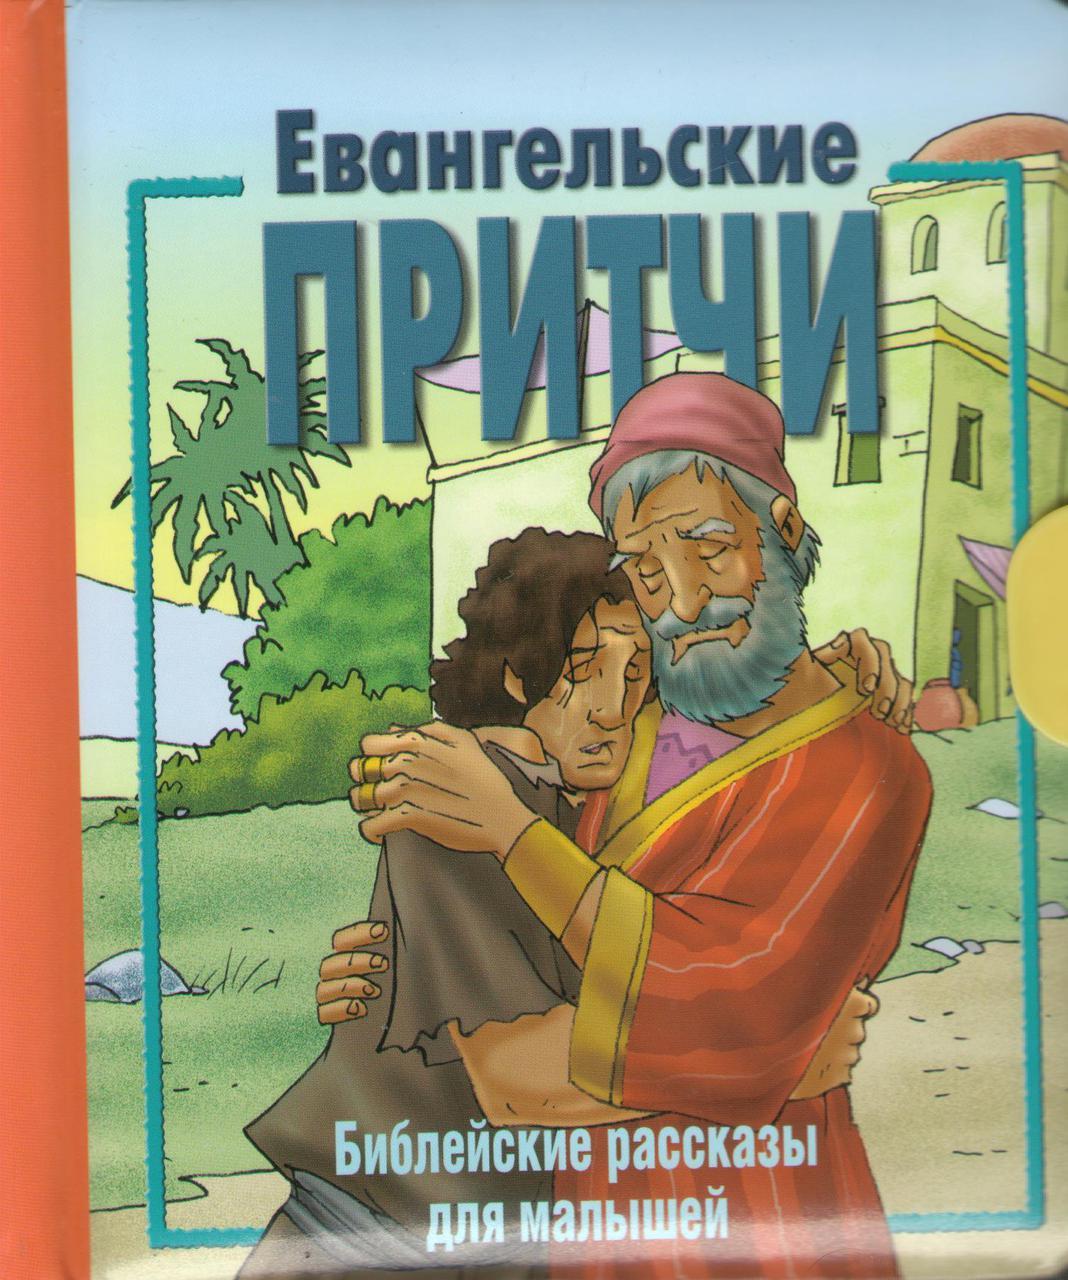 Євангельські притчі. Біблійні оповідання для малят. Валізка